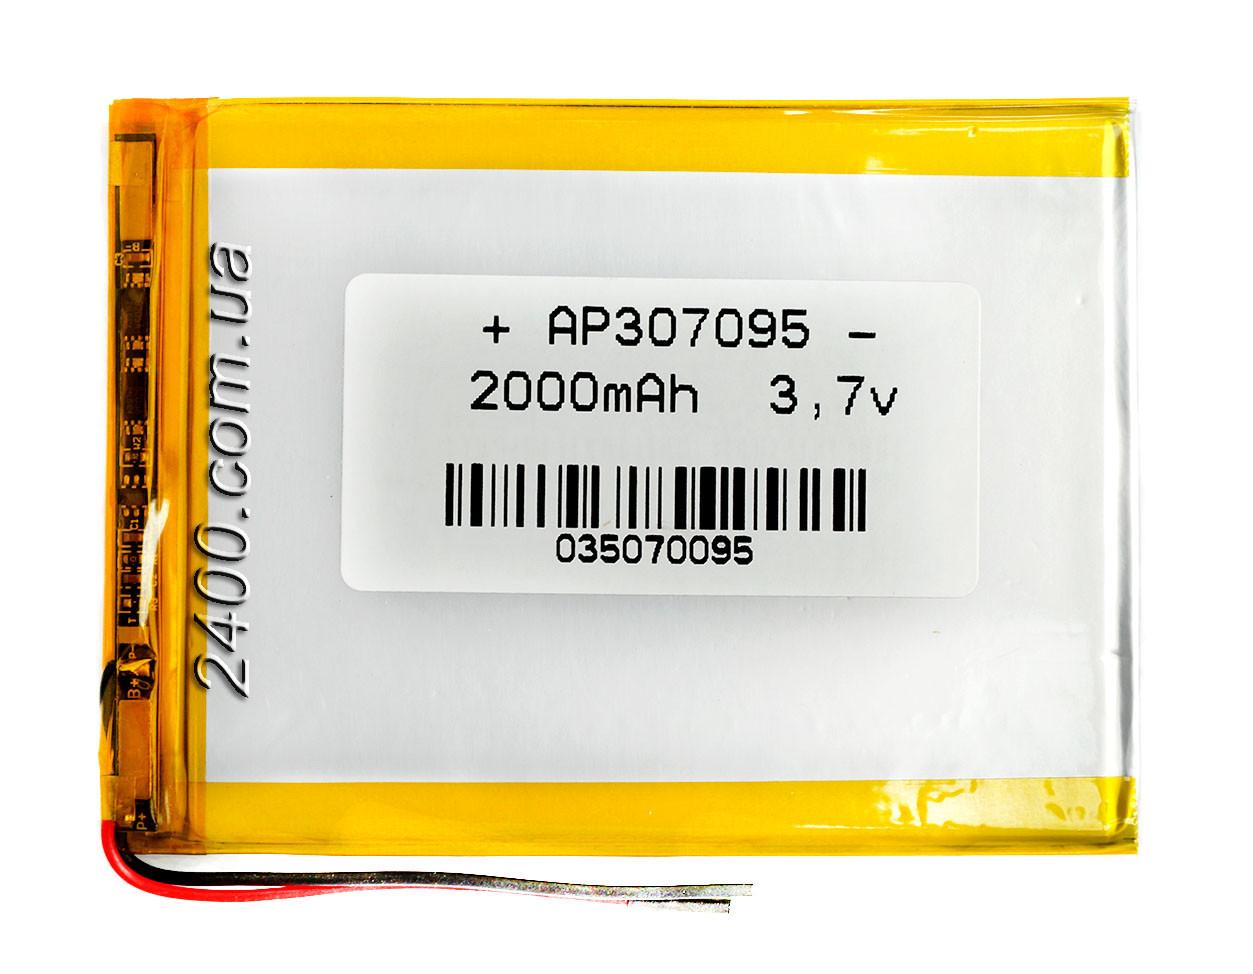 Аккумулятор 2000мАч 307095 мм 3,7в для модемов, MP3 плееров, GPS навигаторов, електронных книг (2000mAh)